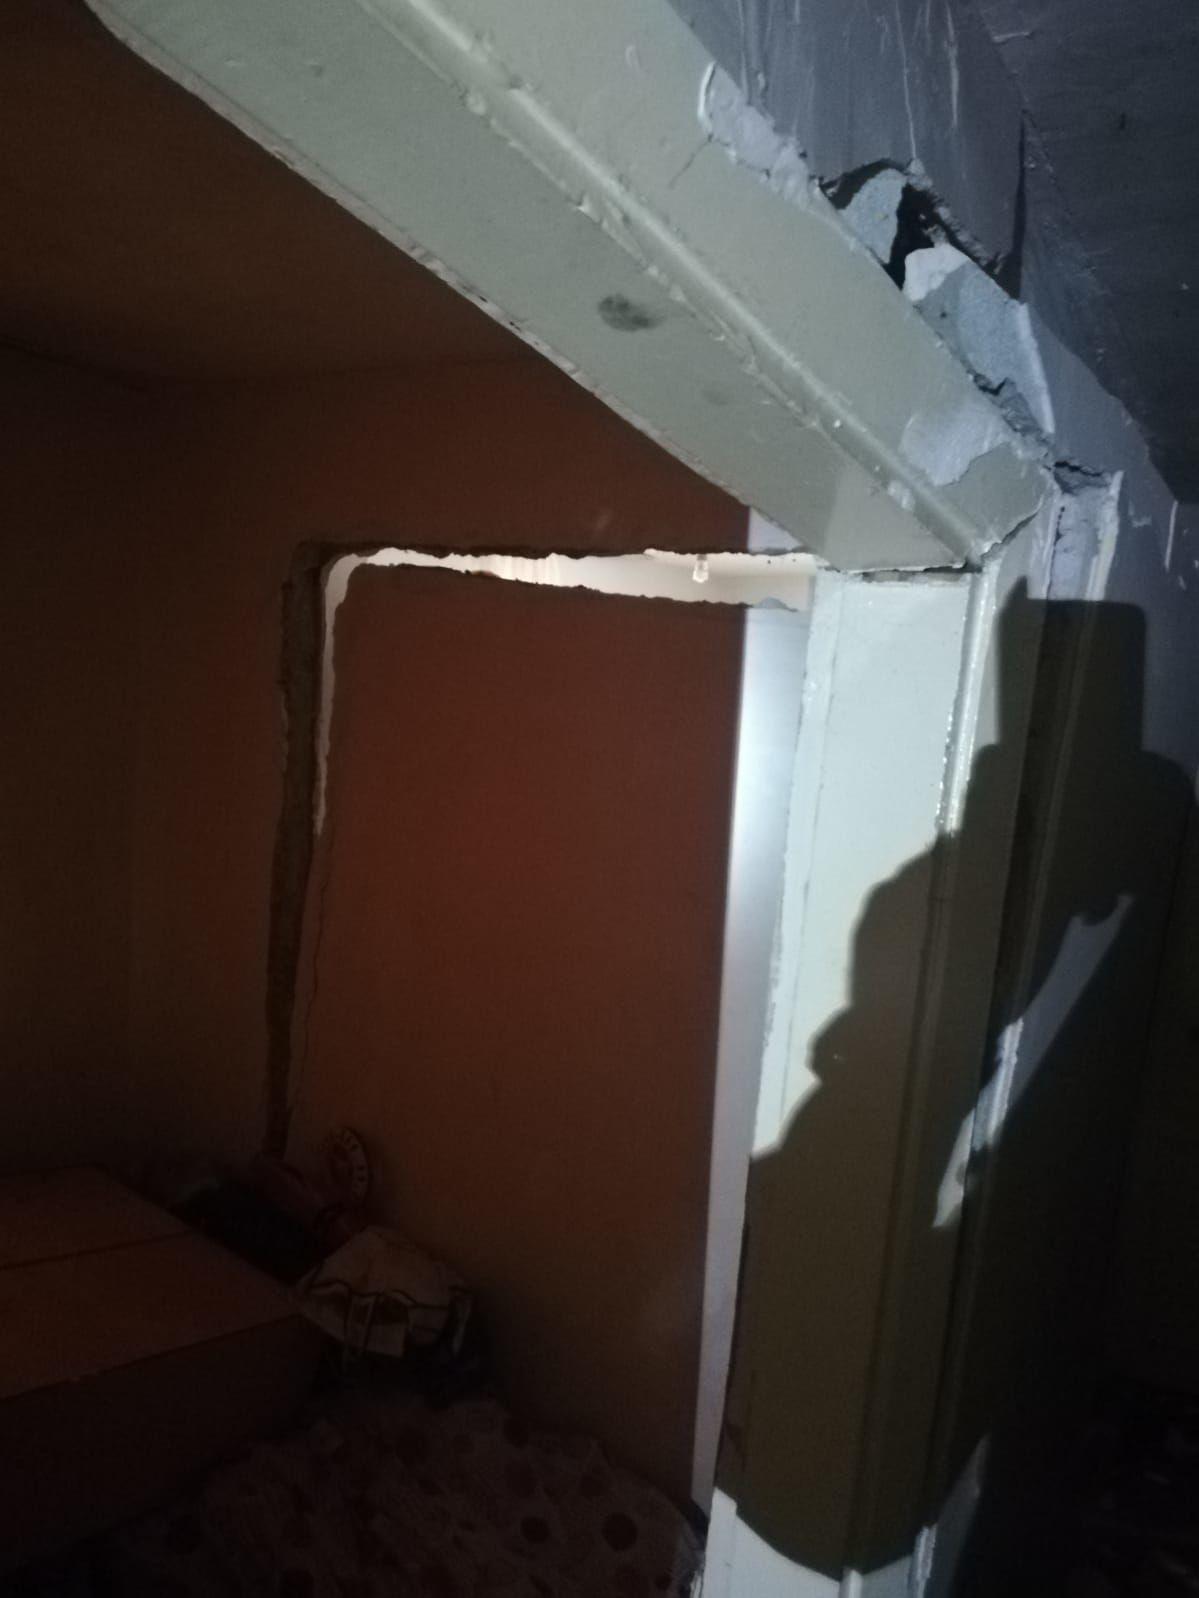 Evin giriş katının iç duvarında su sızıntısı nedeniyle çökme meydana geldi